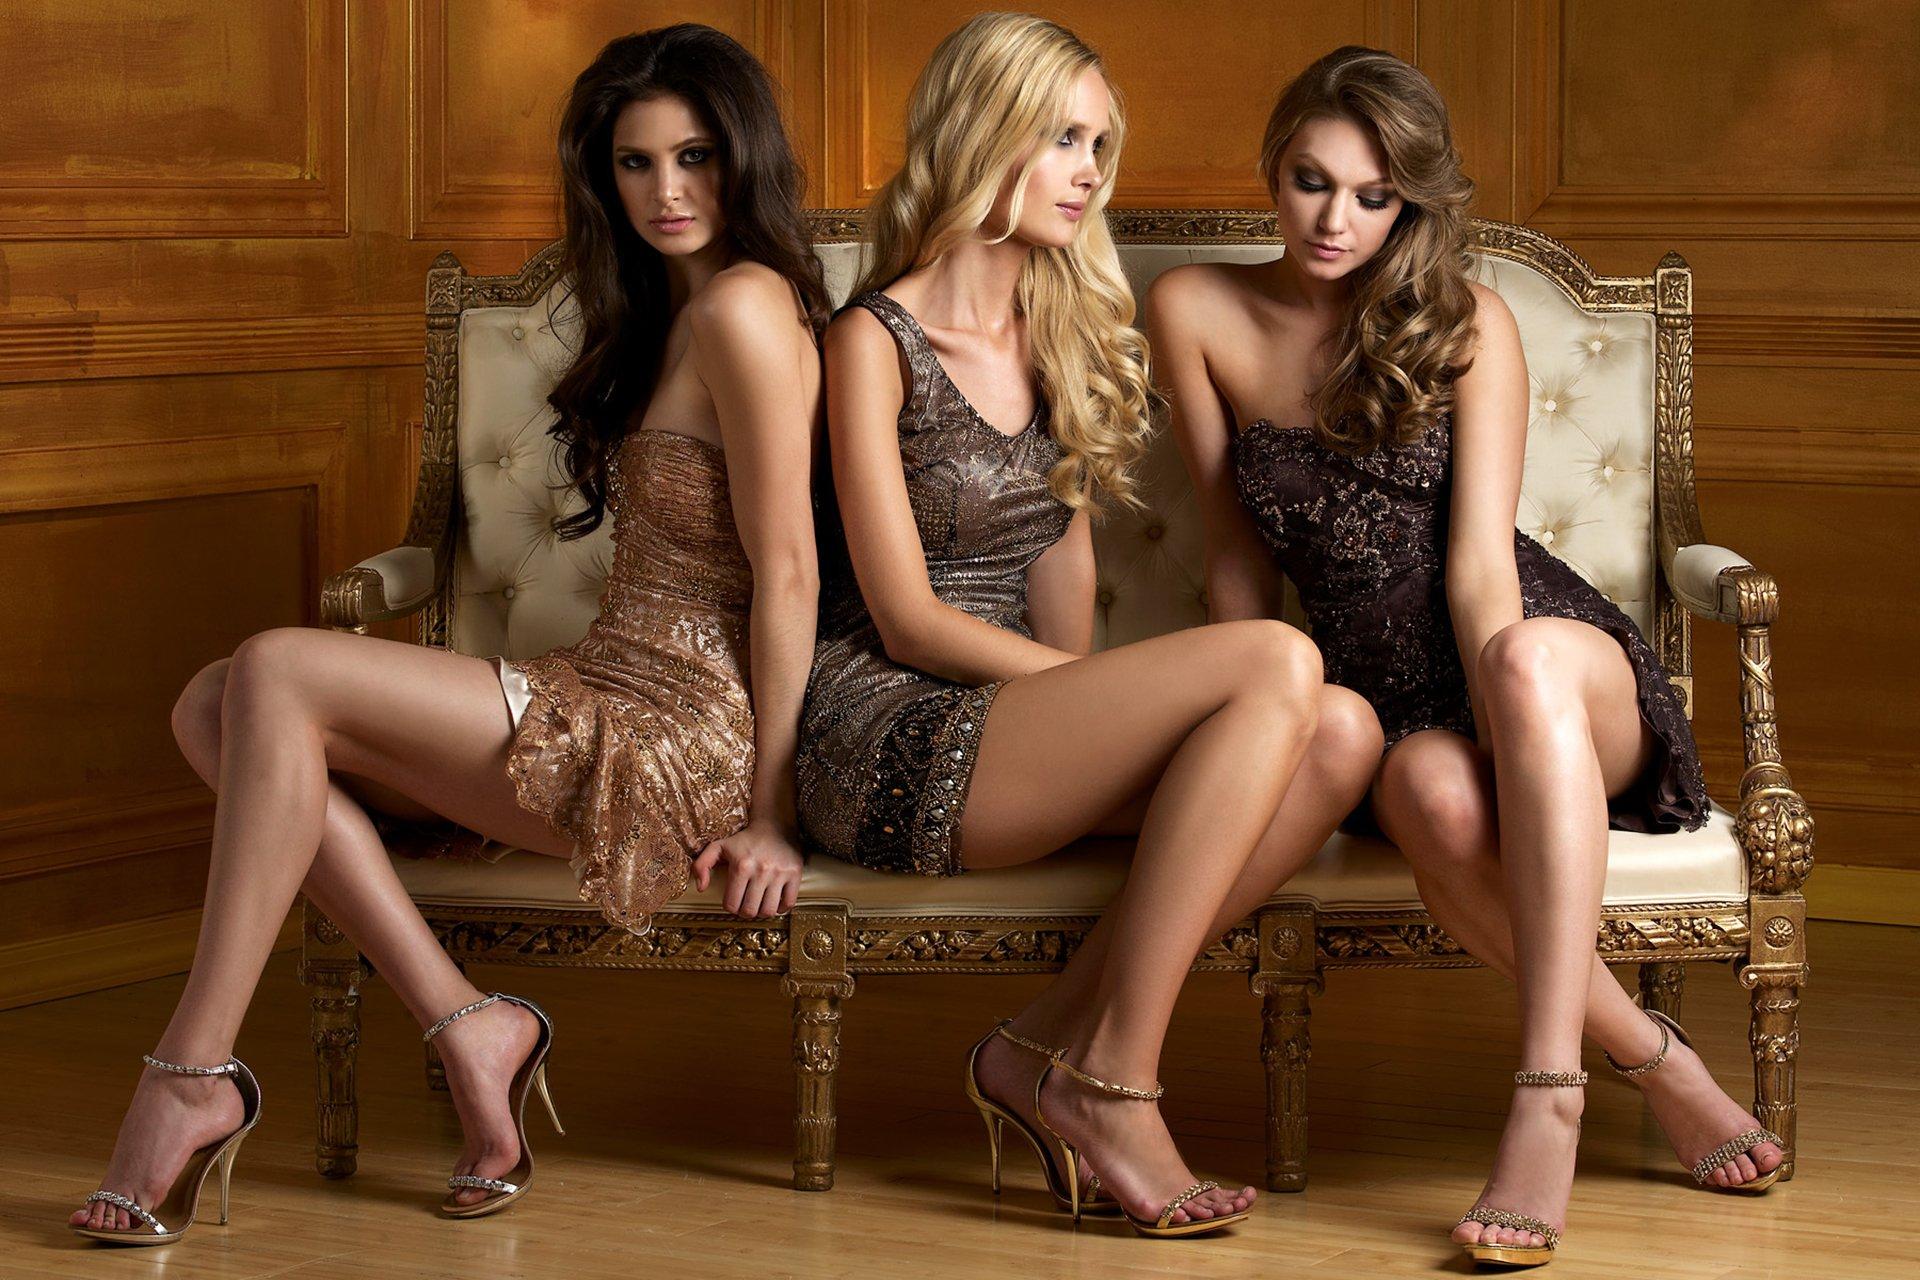 Видео секса на диване лезби втроём одетые с тремя блондинками конечно